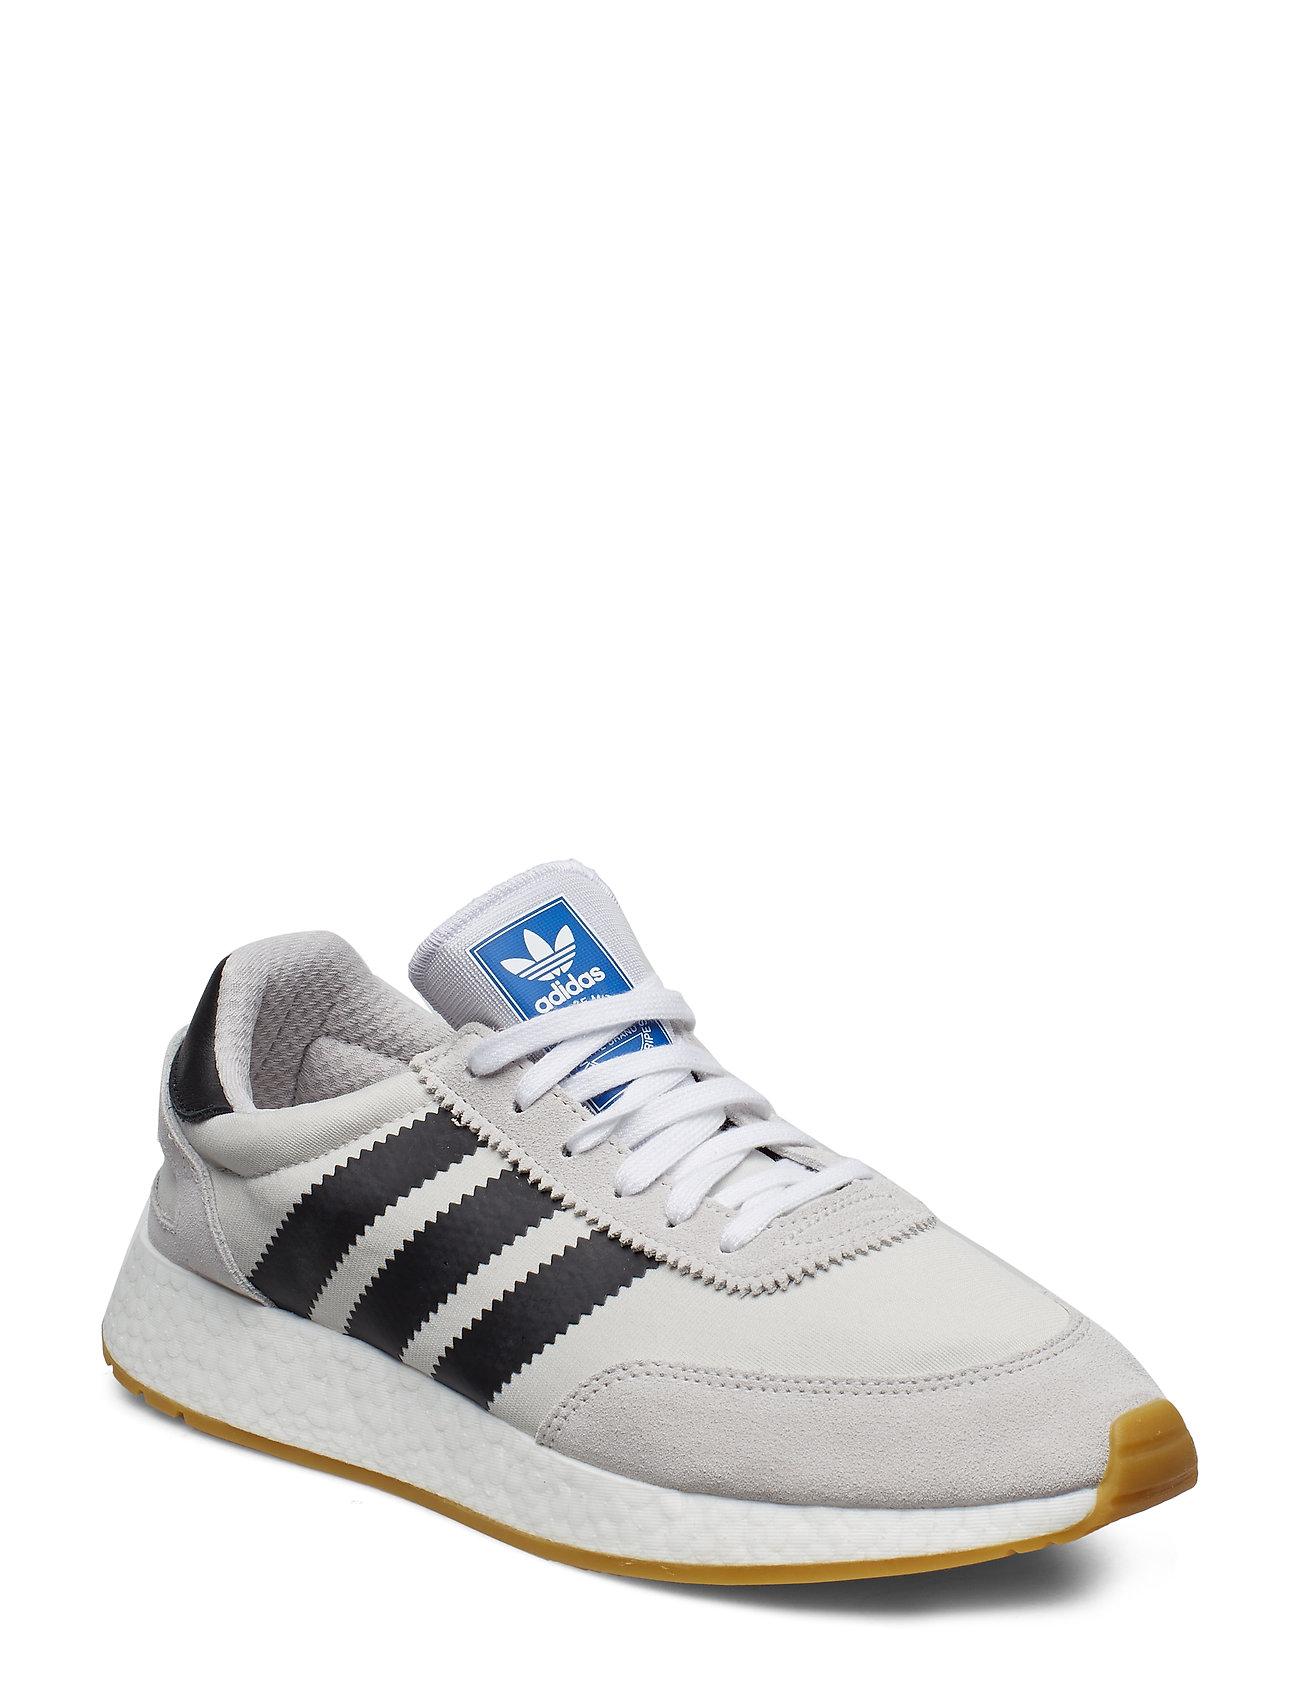 adidas I 5923 Herren Online In Weiß : Sale Sportbekleidung